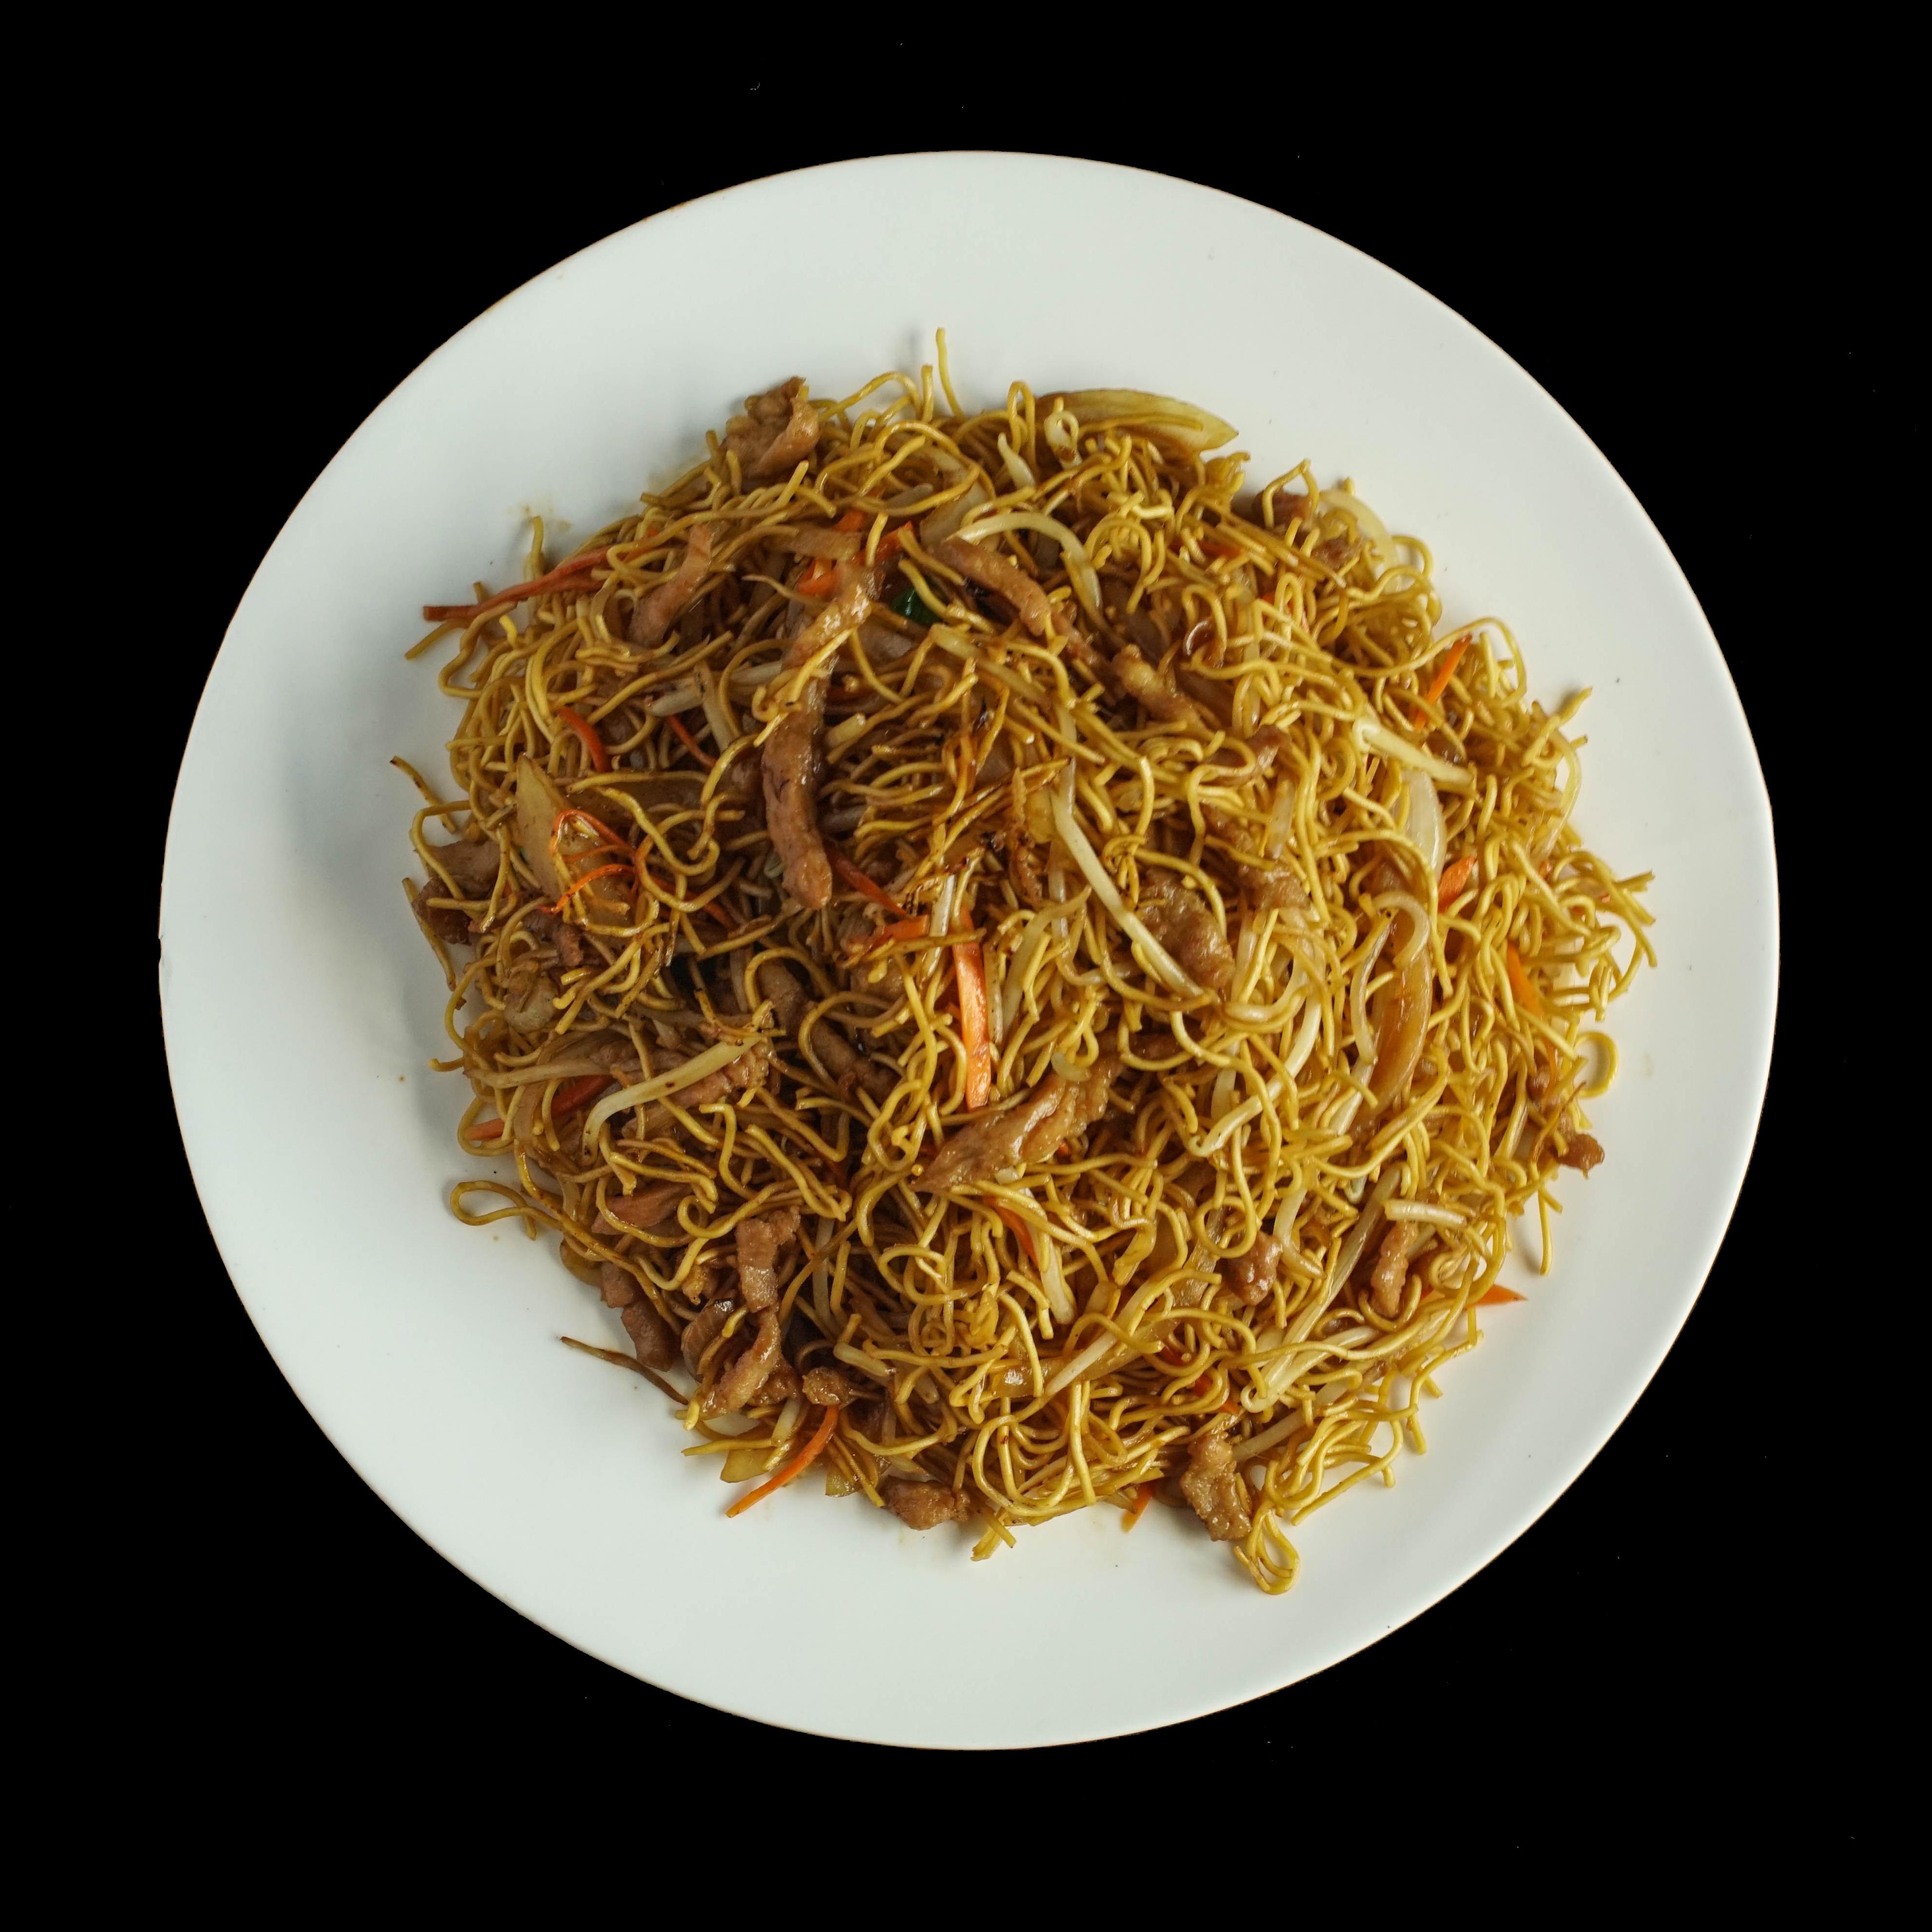 107. 细面 Thin Egg Noodle